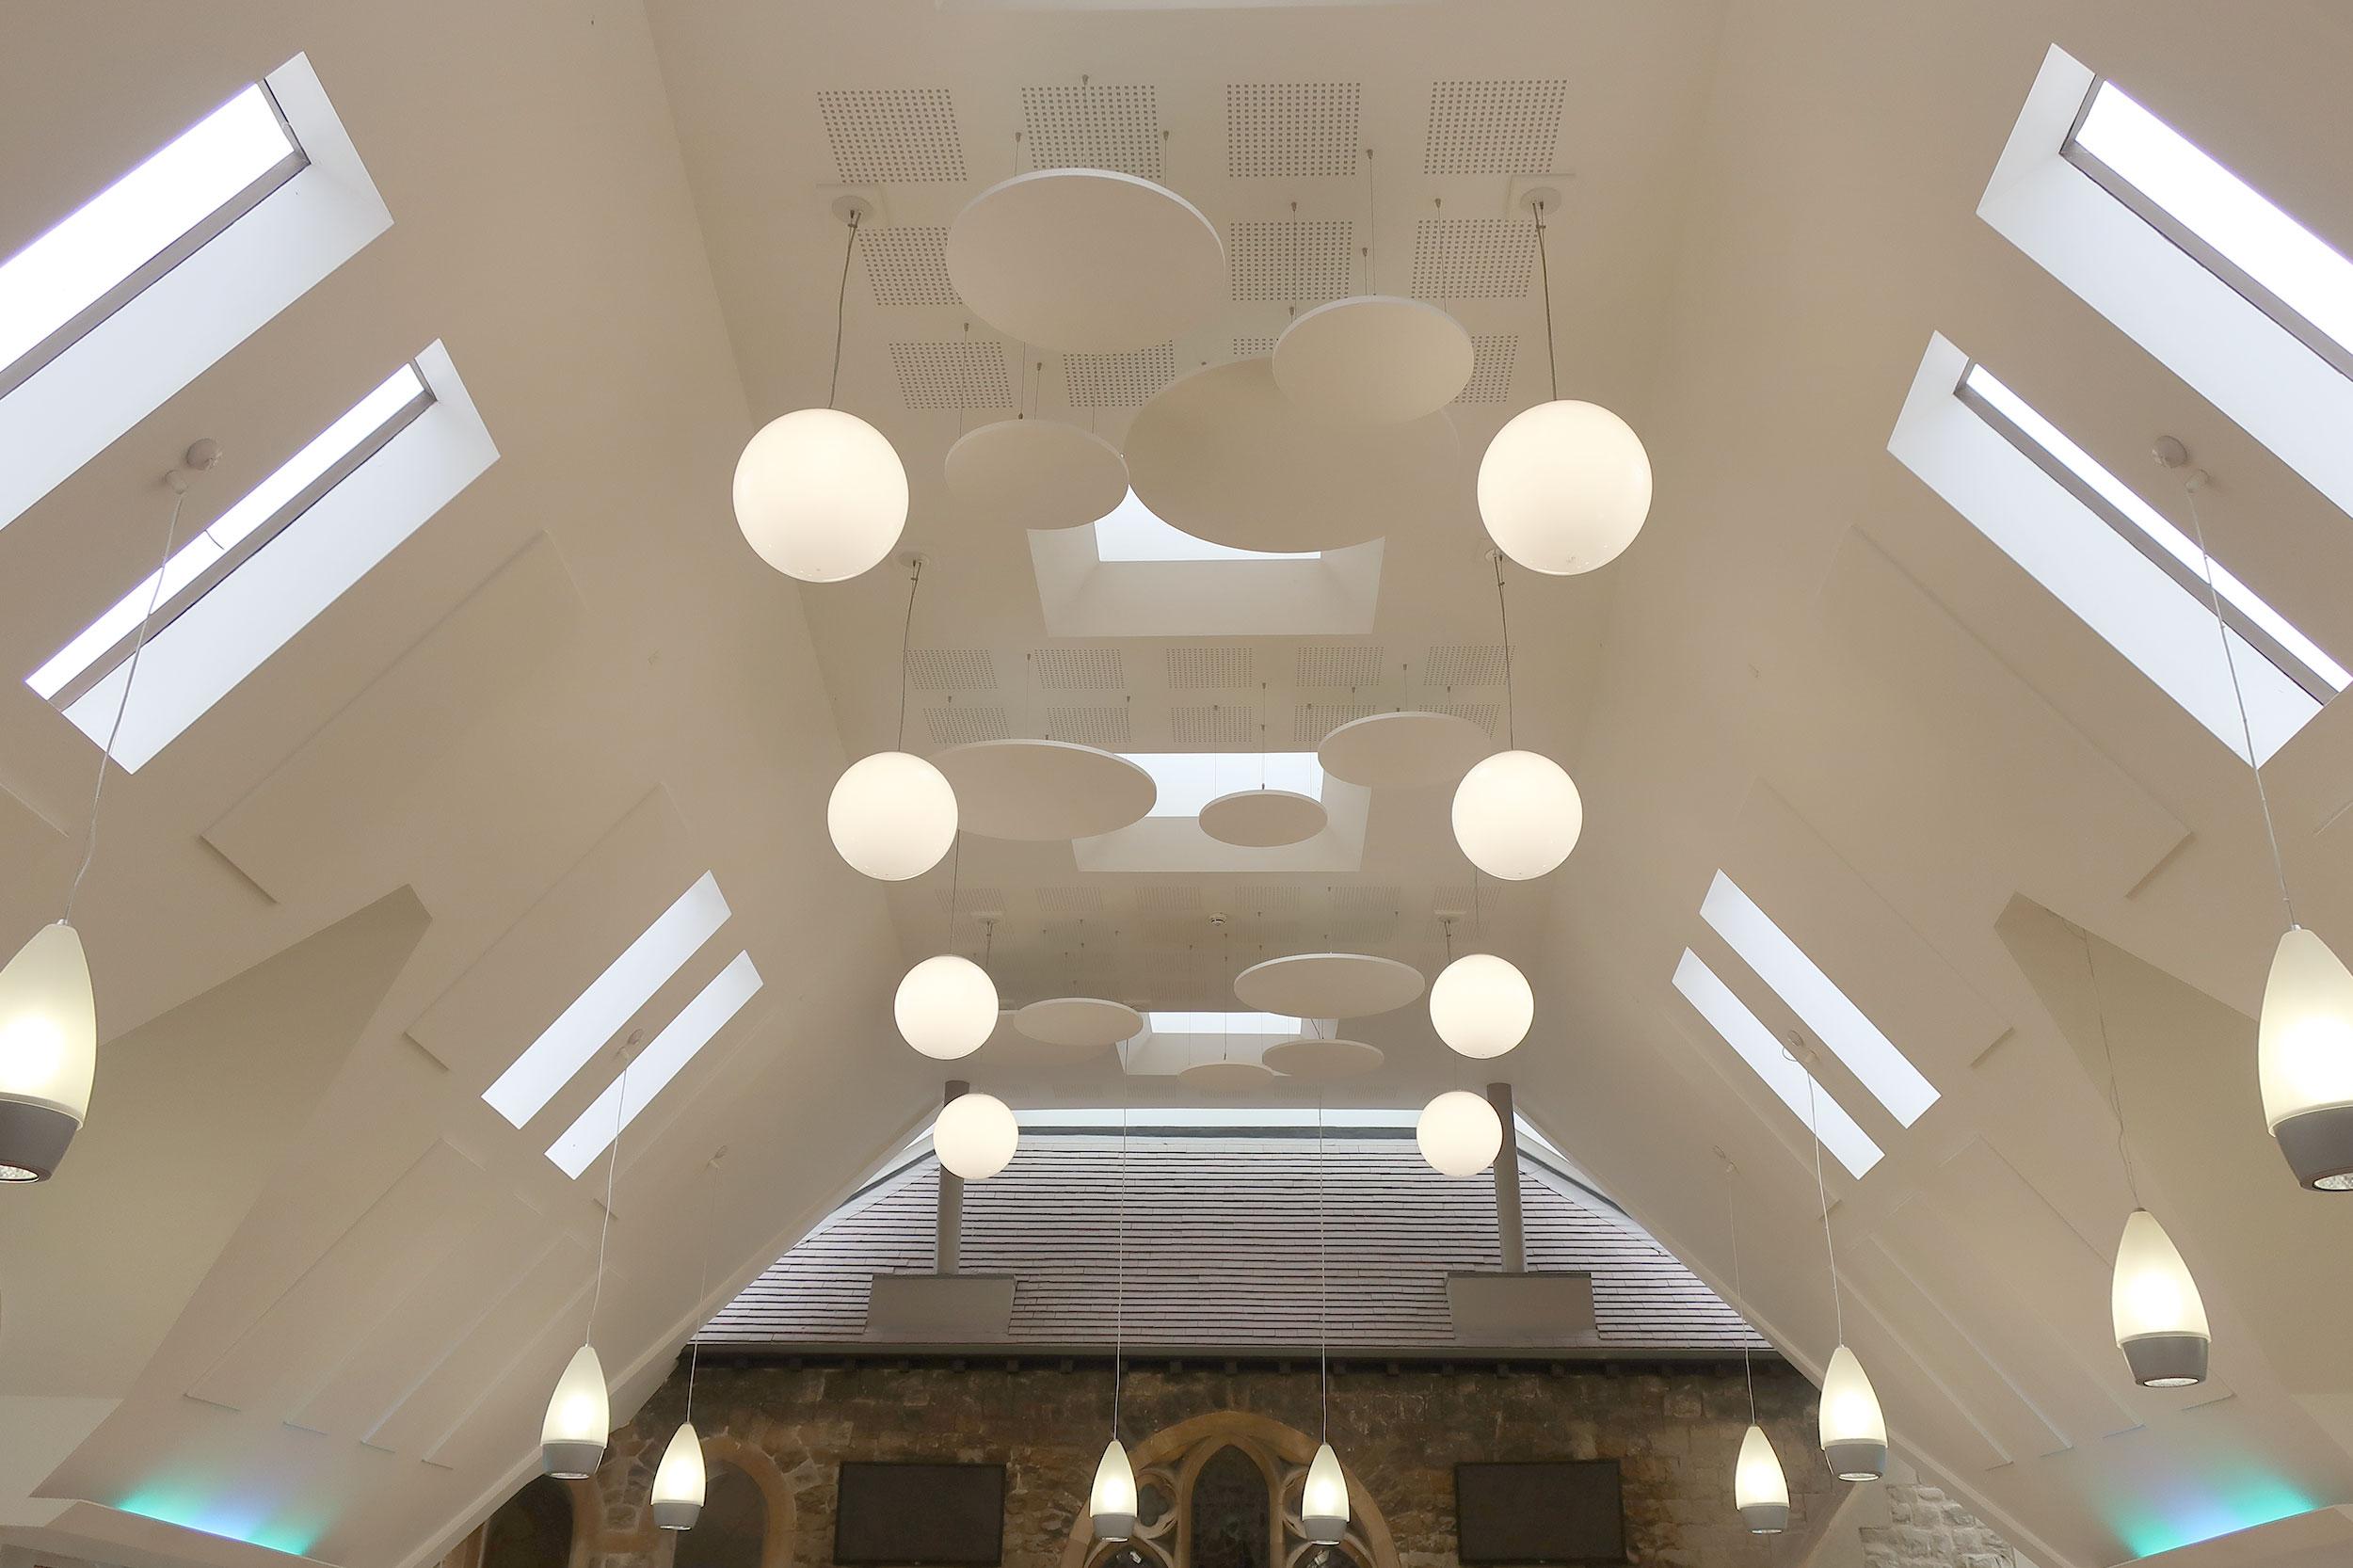 Church Acoustics Atrium Acoustics Choral Performances